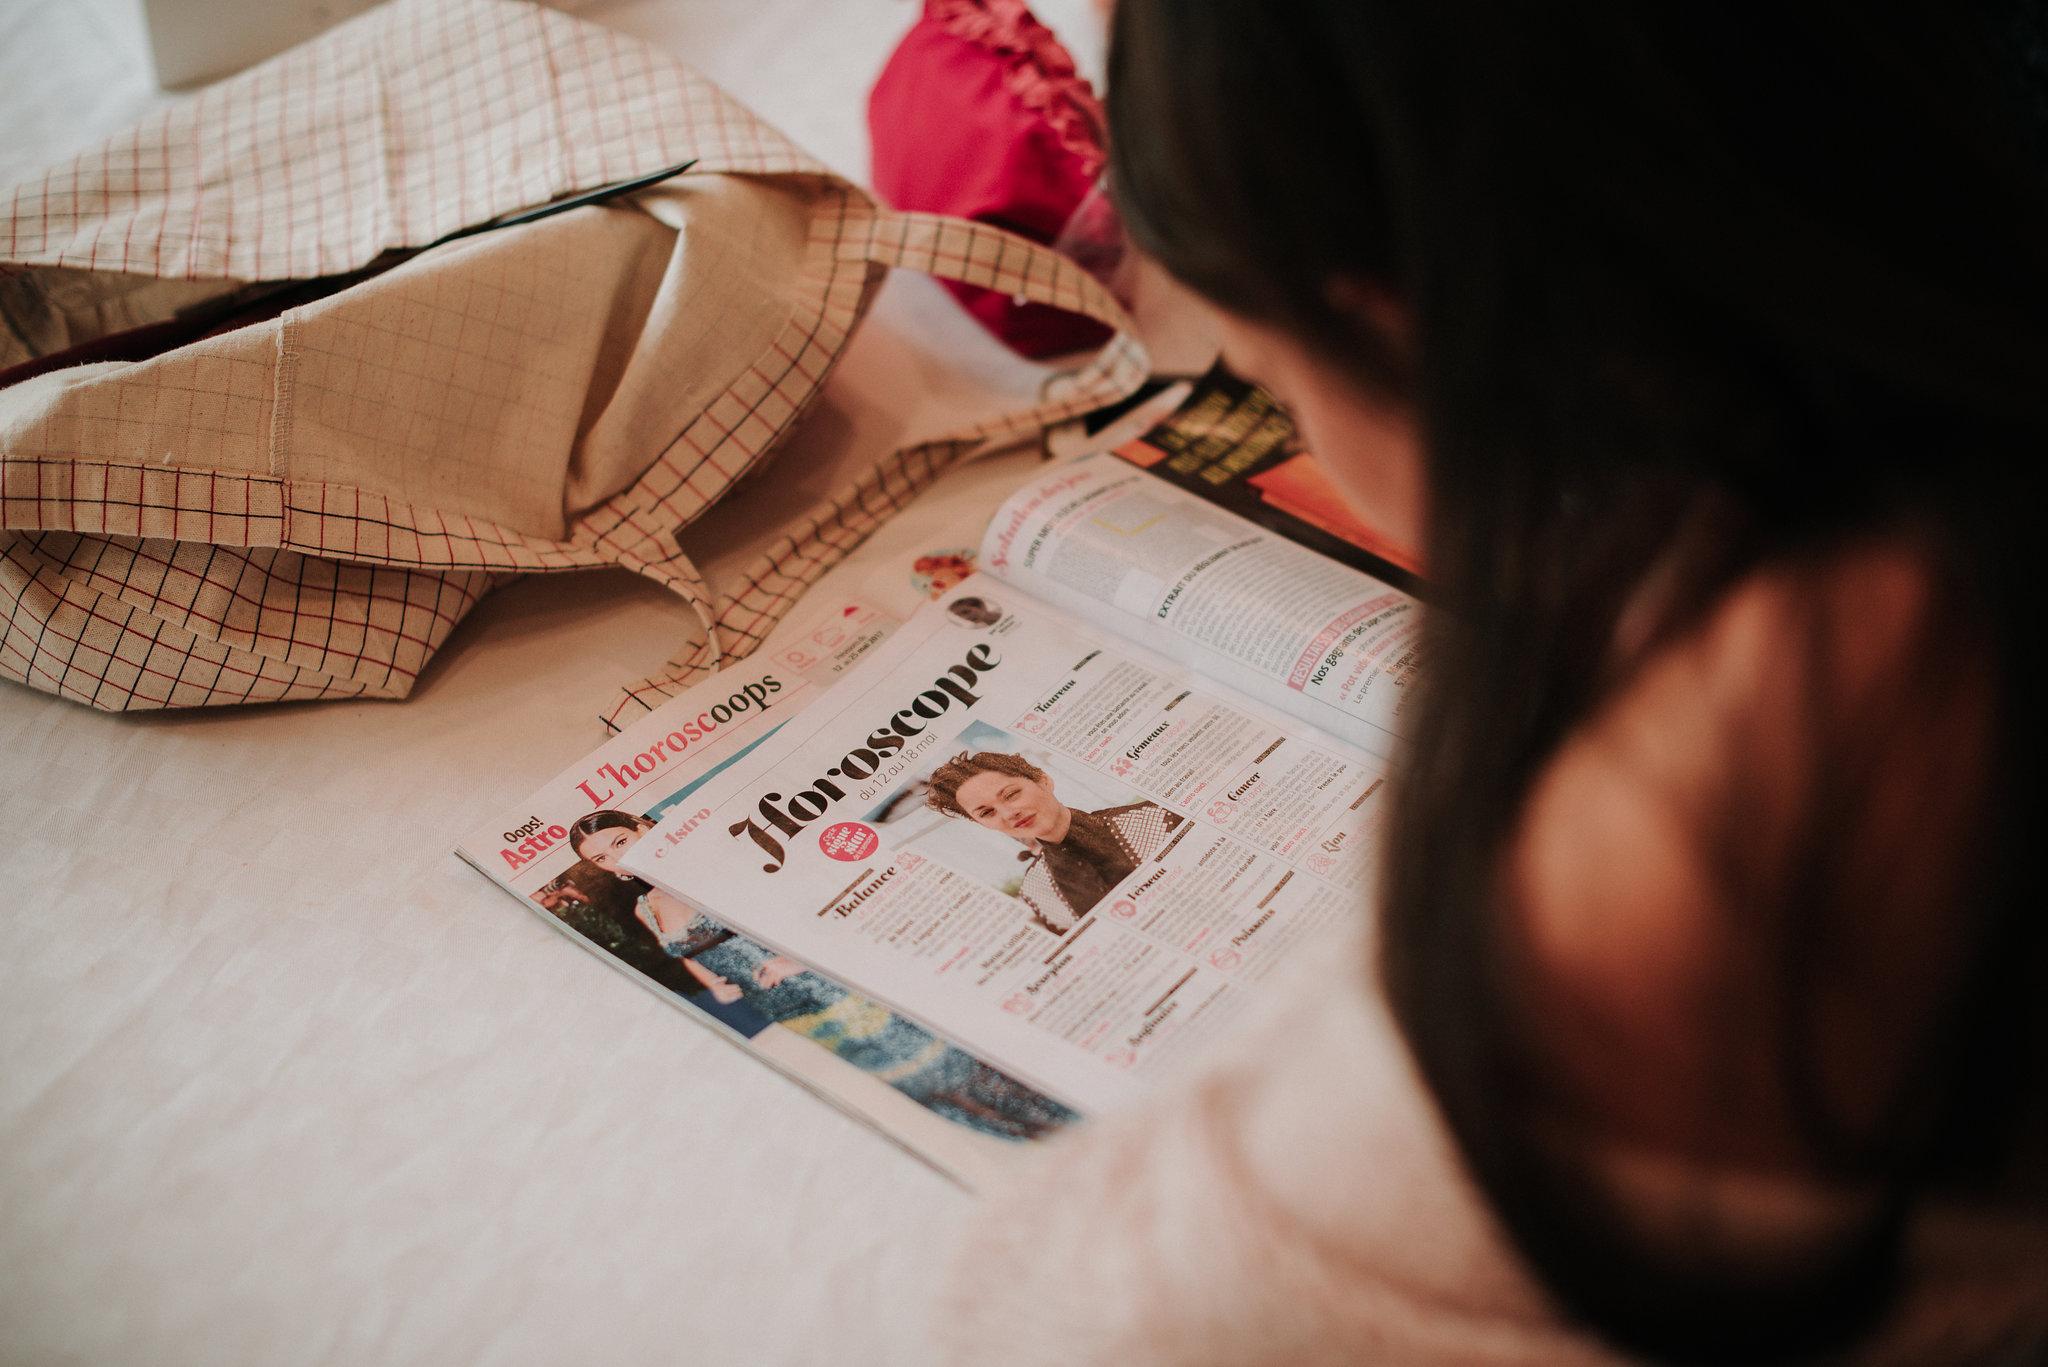 Léa-Fery-photographe-professionnel-lyon-rhone-alpes-portrait-creation-mariage-evenement-evenementiel-famille-1093.jpg